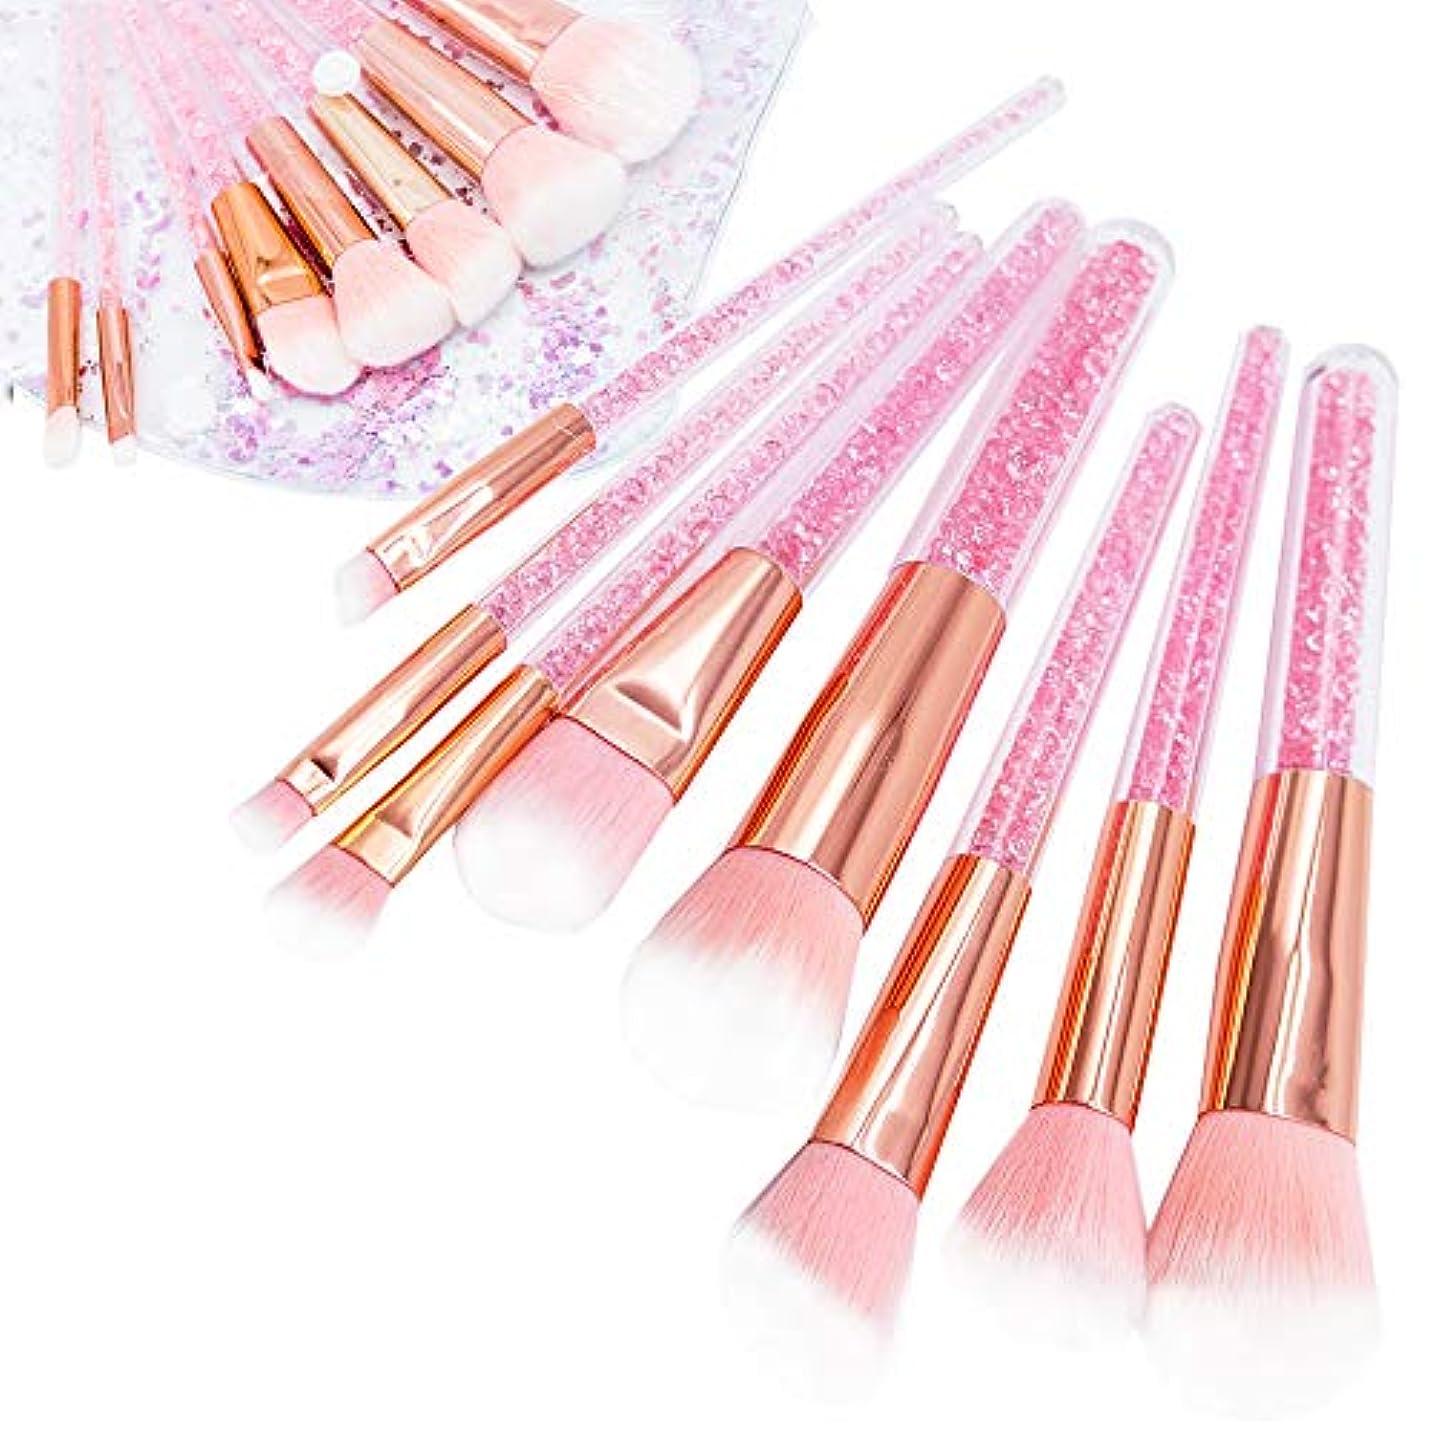 数字逆にぴかぴかUrban frontier メイクブラシ 化粧筆 可愛いピンク 8本セット 化粧ポーチ付き 携帯便利 敏感肌適用